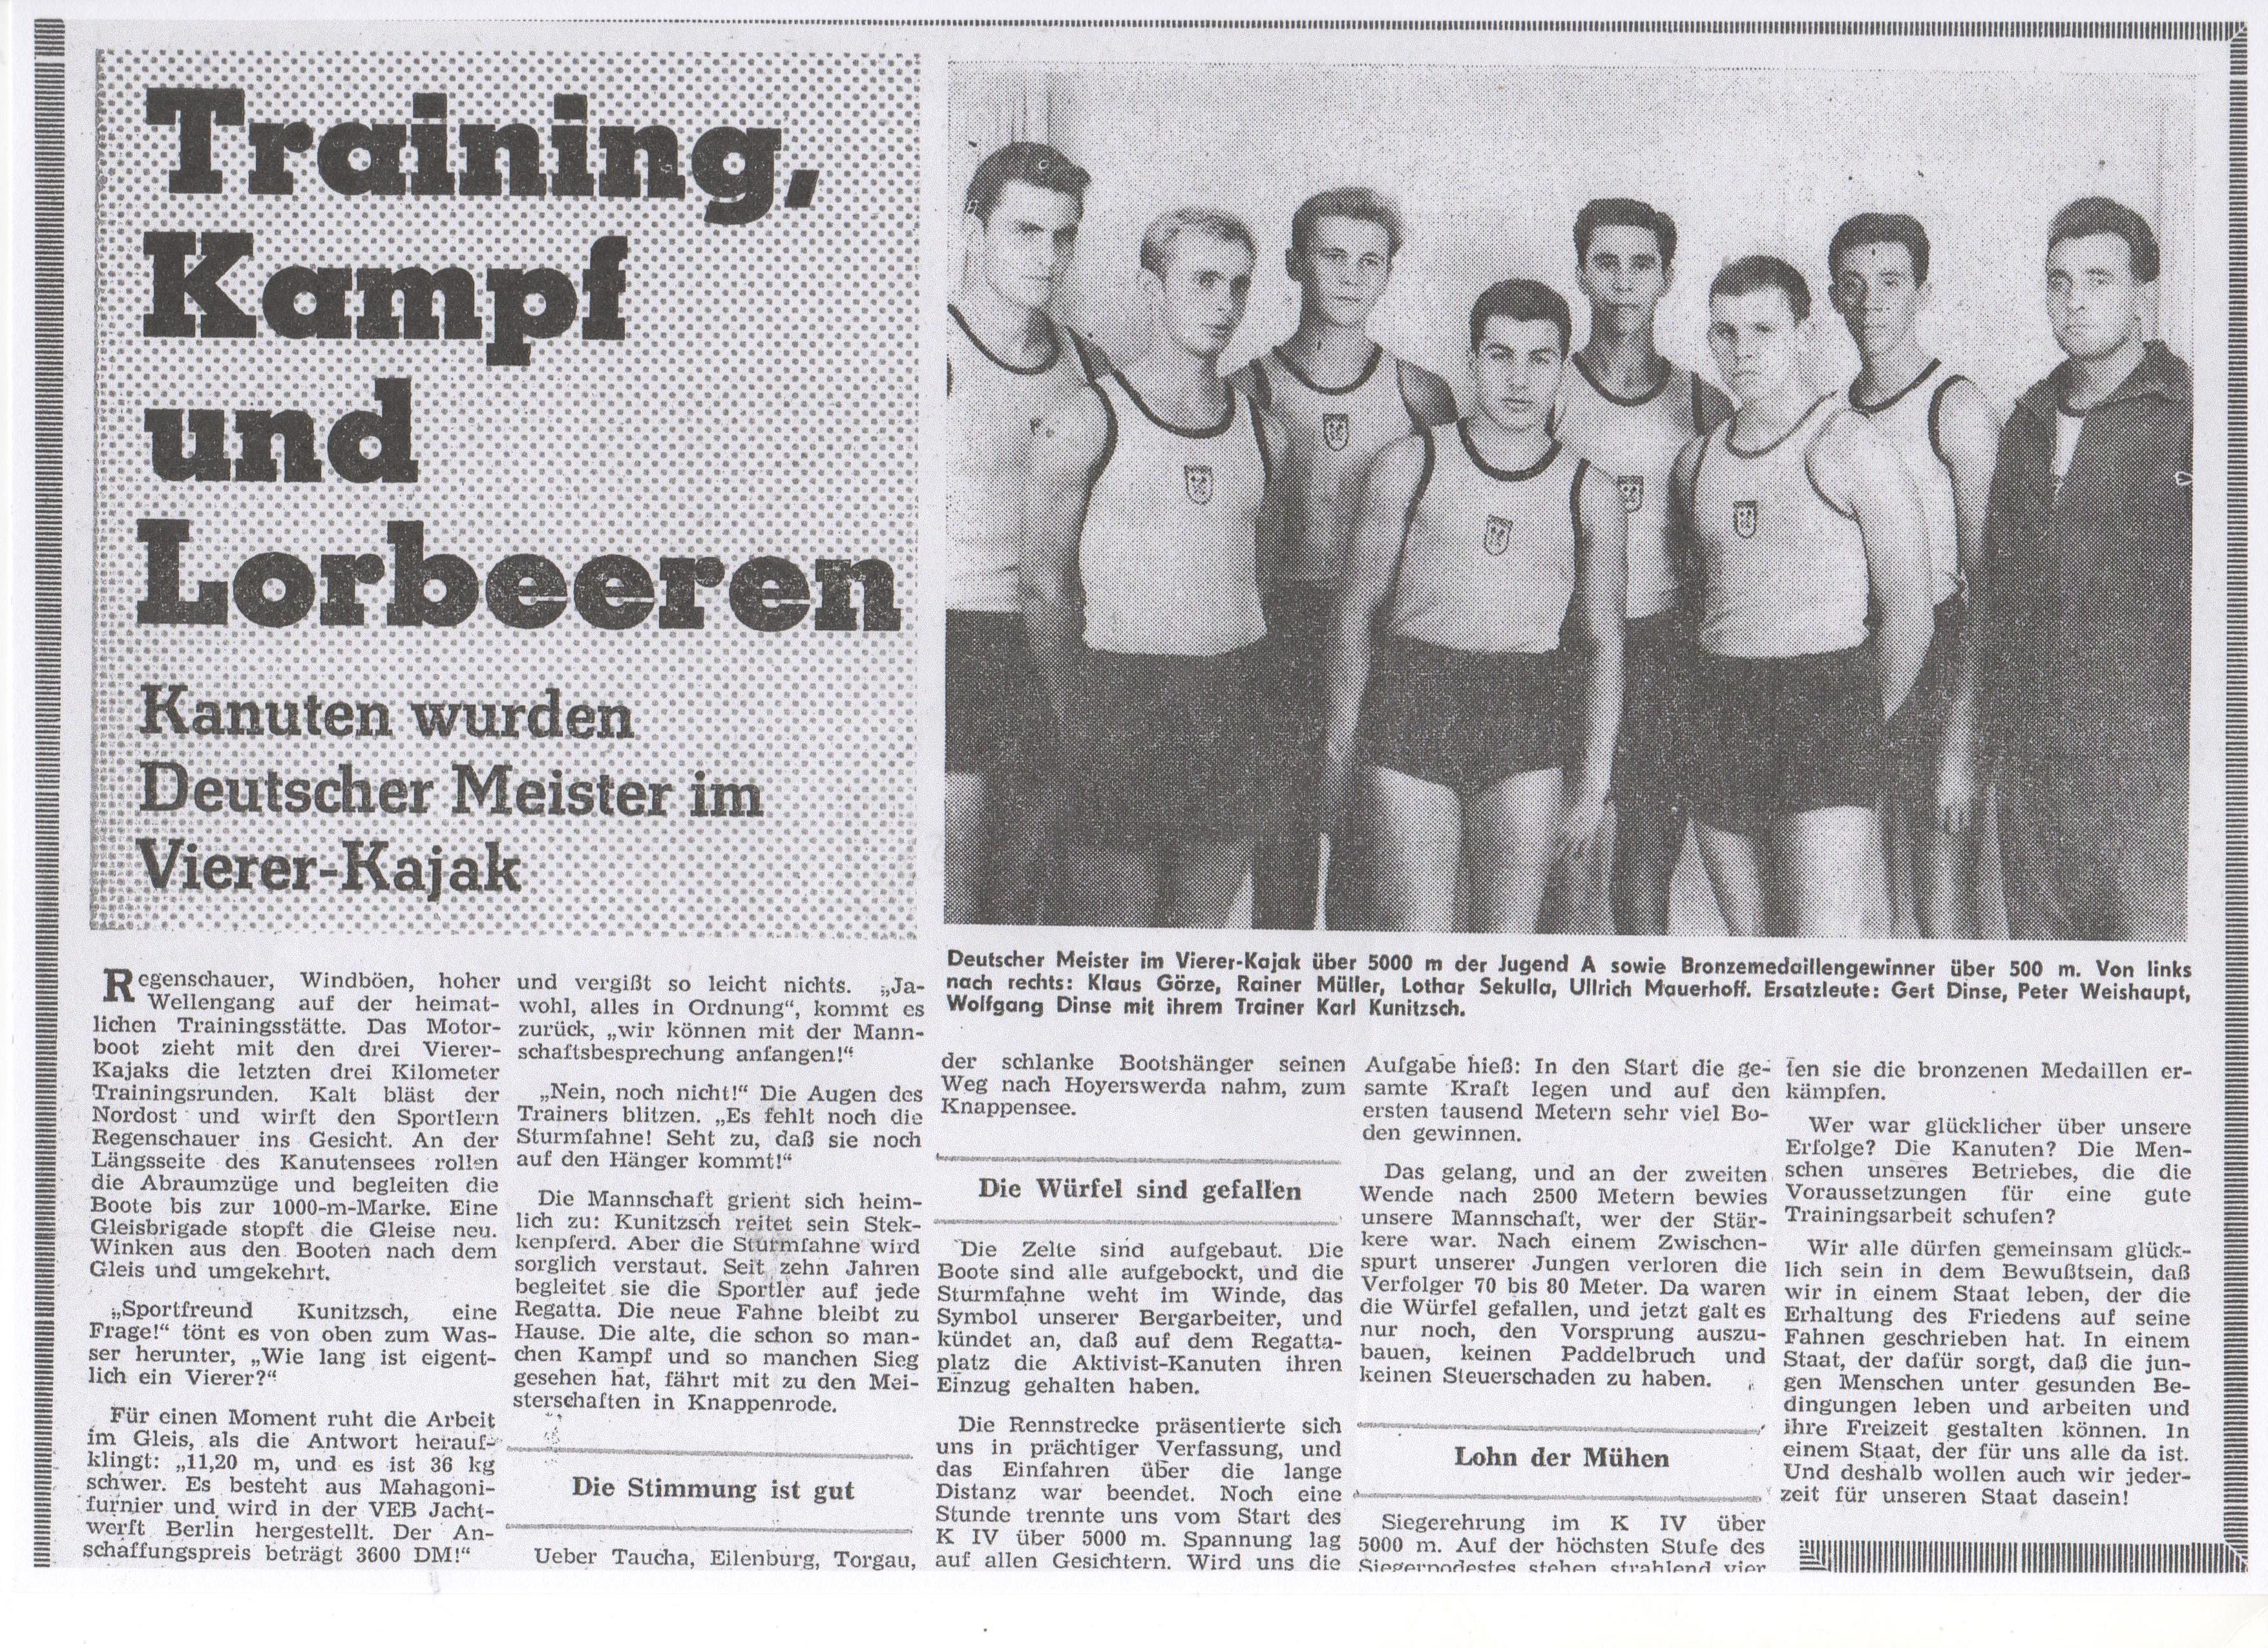 1963-Training, Kampf und Lorbeeren-Kanuten wurden Deutscher Meister im Vierer-Kajak (1)